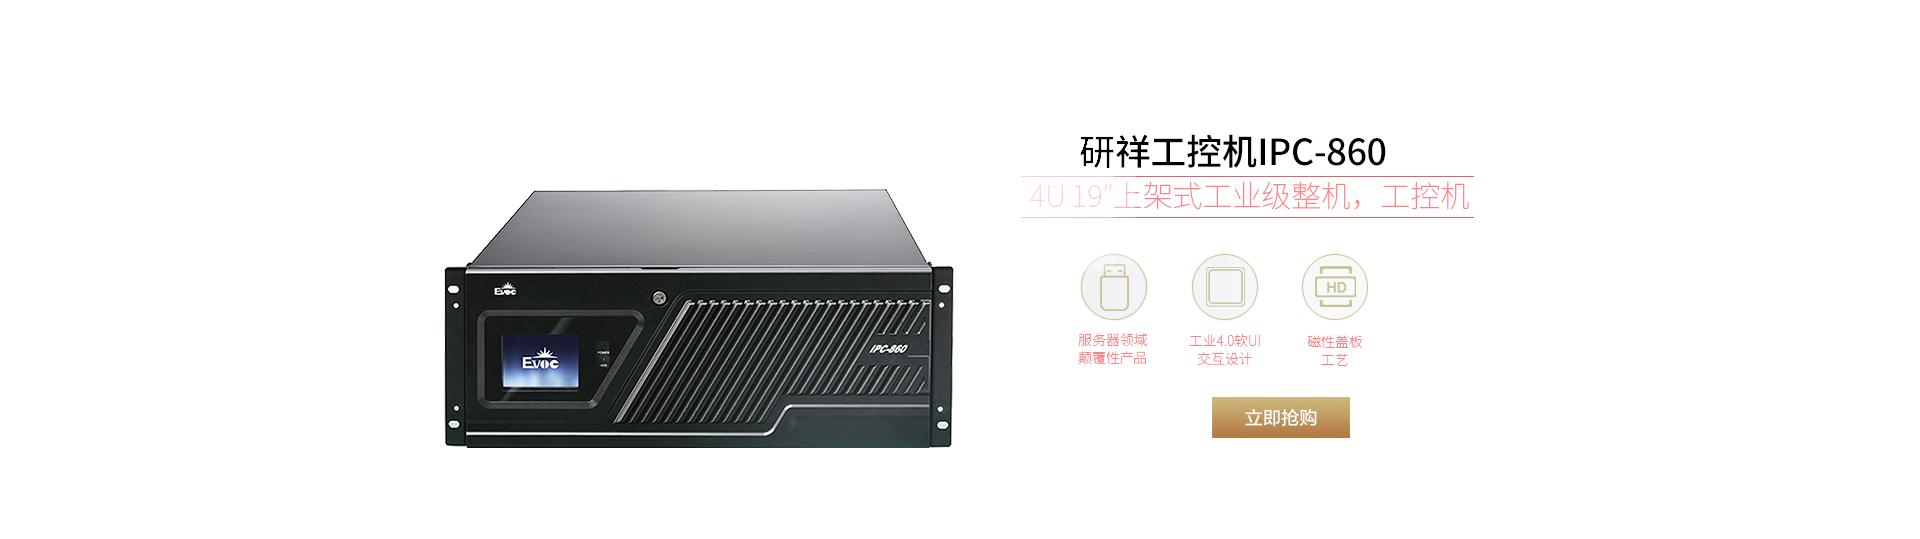 IPC-860高性能嵌入式4U上架工控机整机